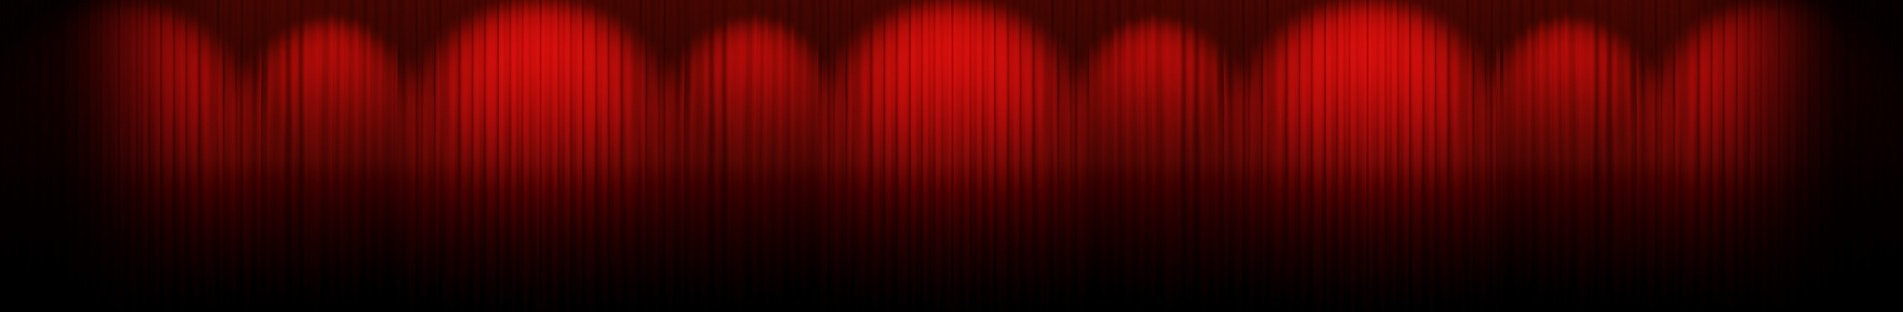 red curtains STRIP 02.jpg